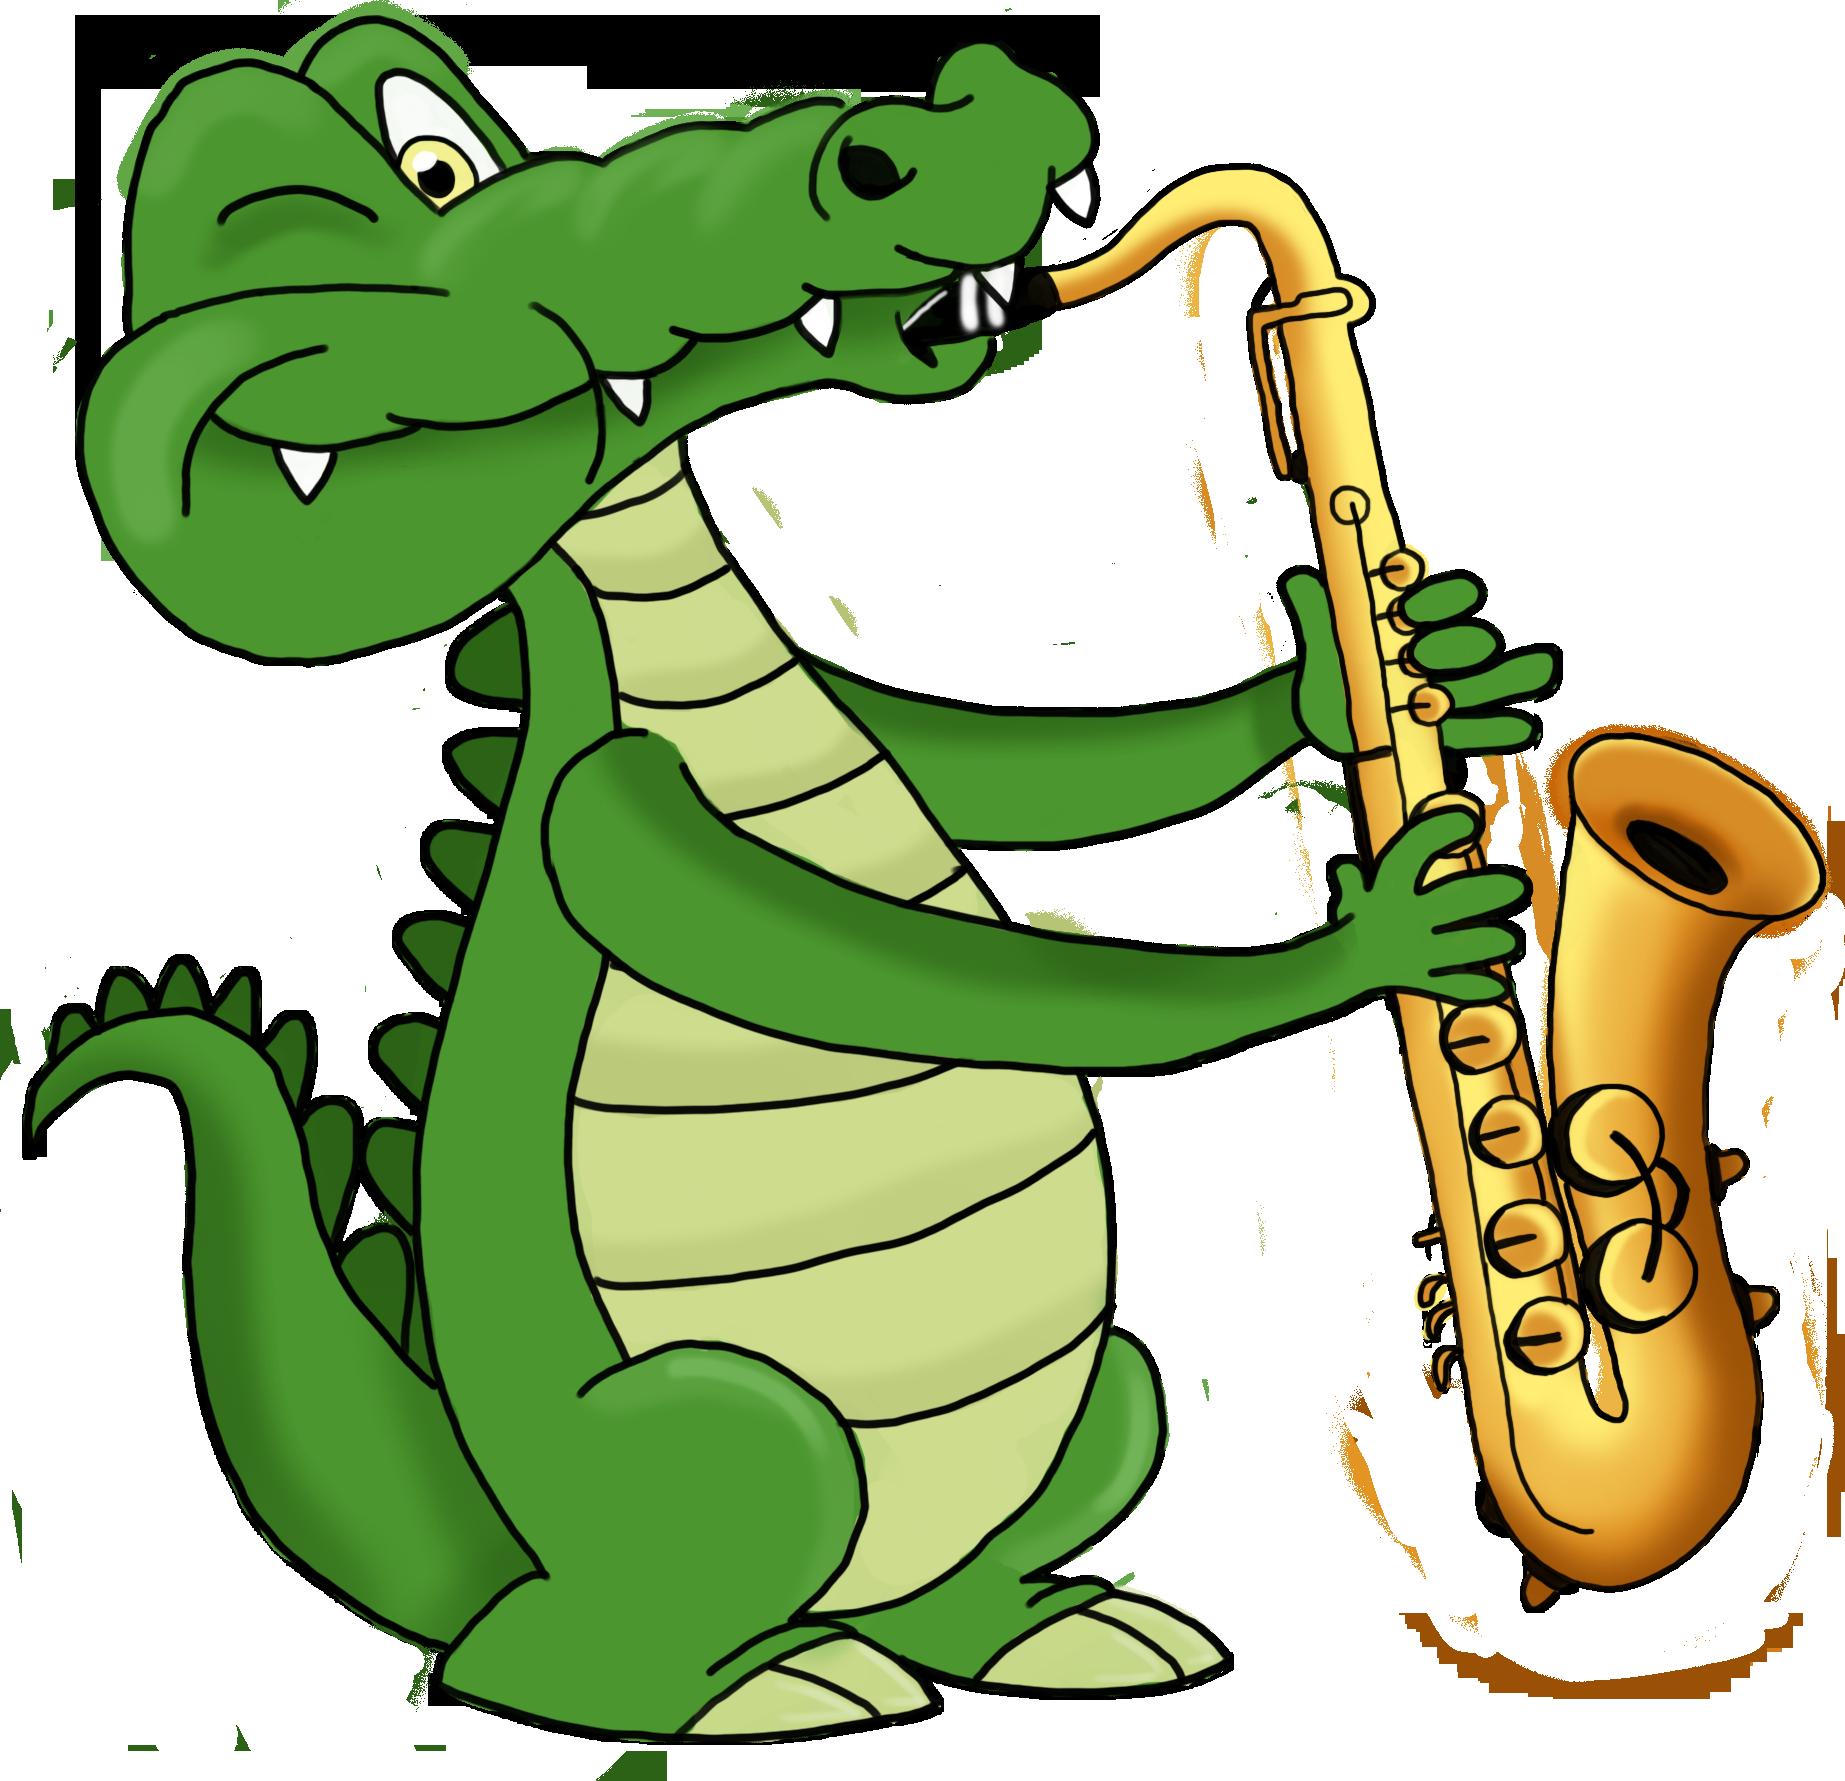 Crocodile saxophone